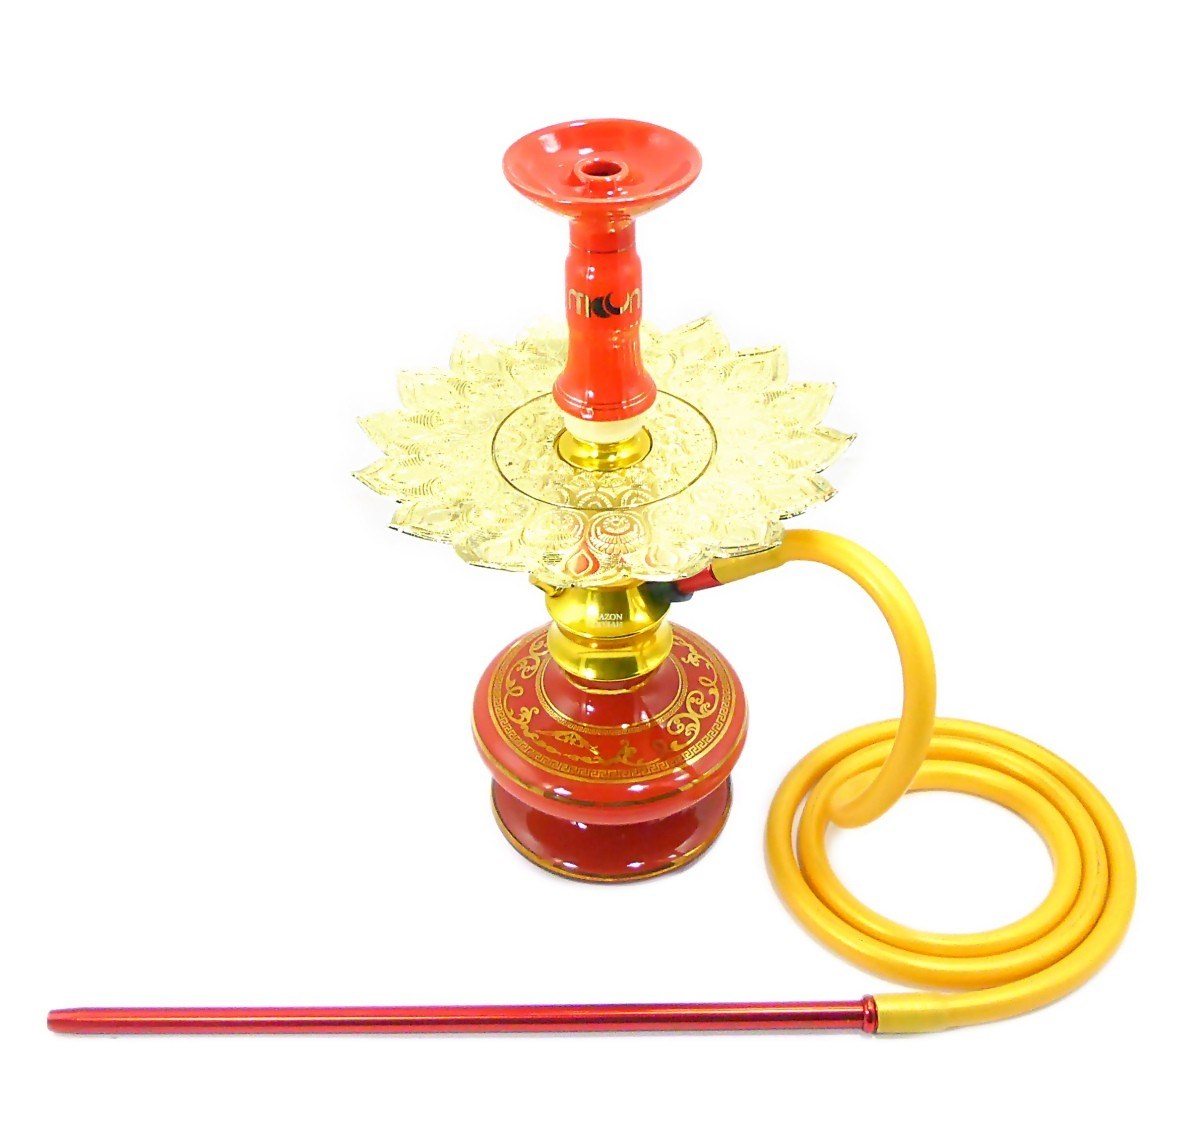 Narguile Amazon Lord Dourado anodizado, vaso Aladin Vermelho, mang.silicone, piteira alumínio, rosh Moon, prato Pérsia